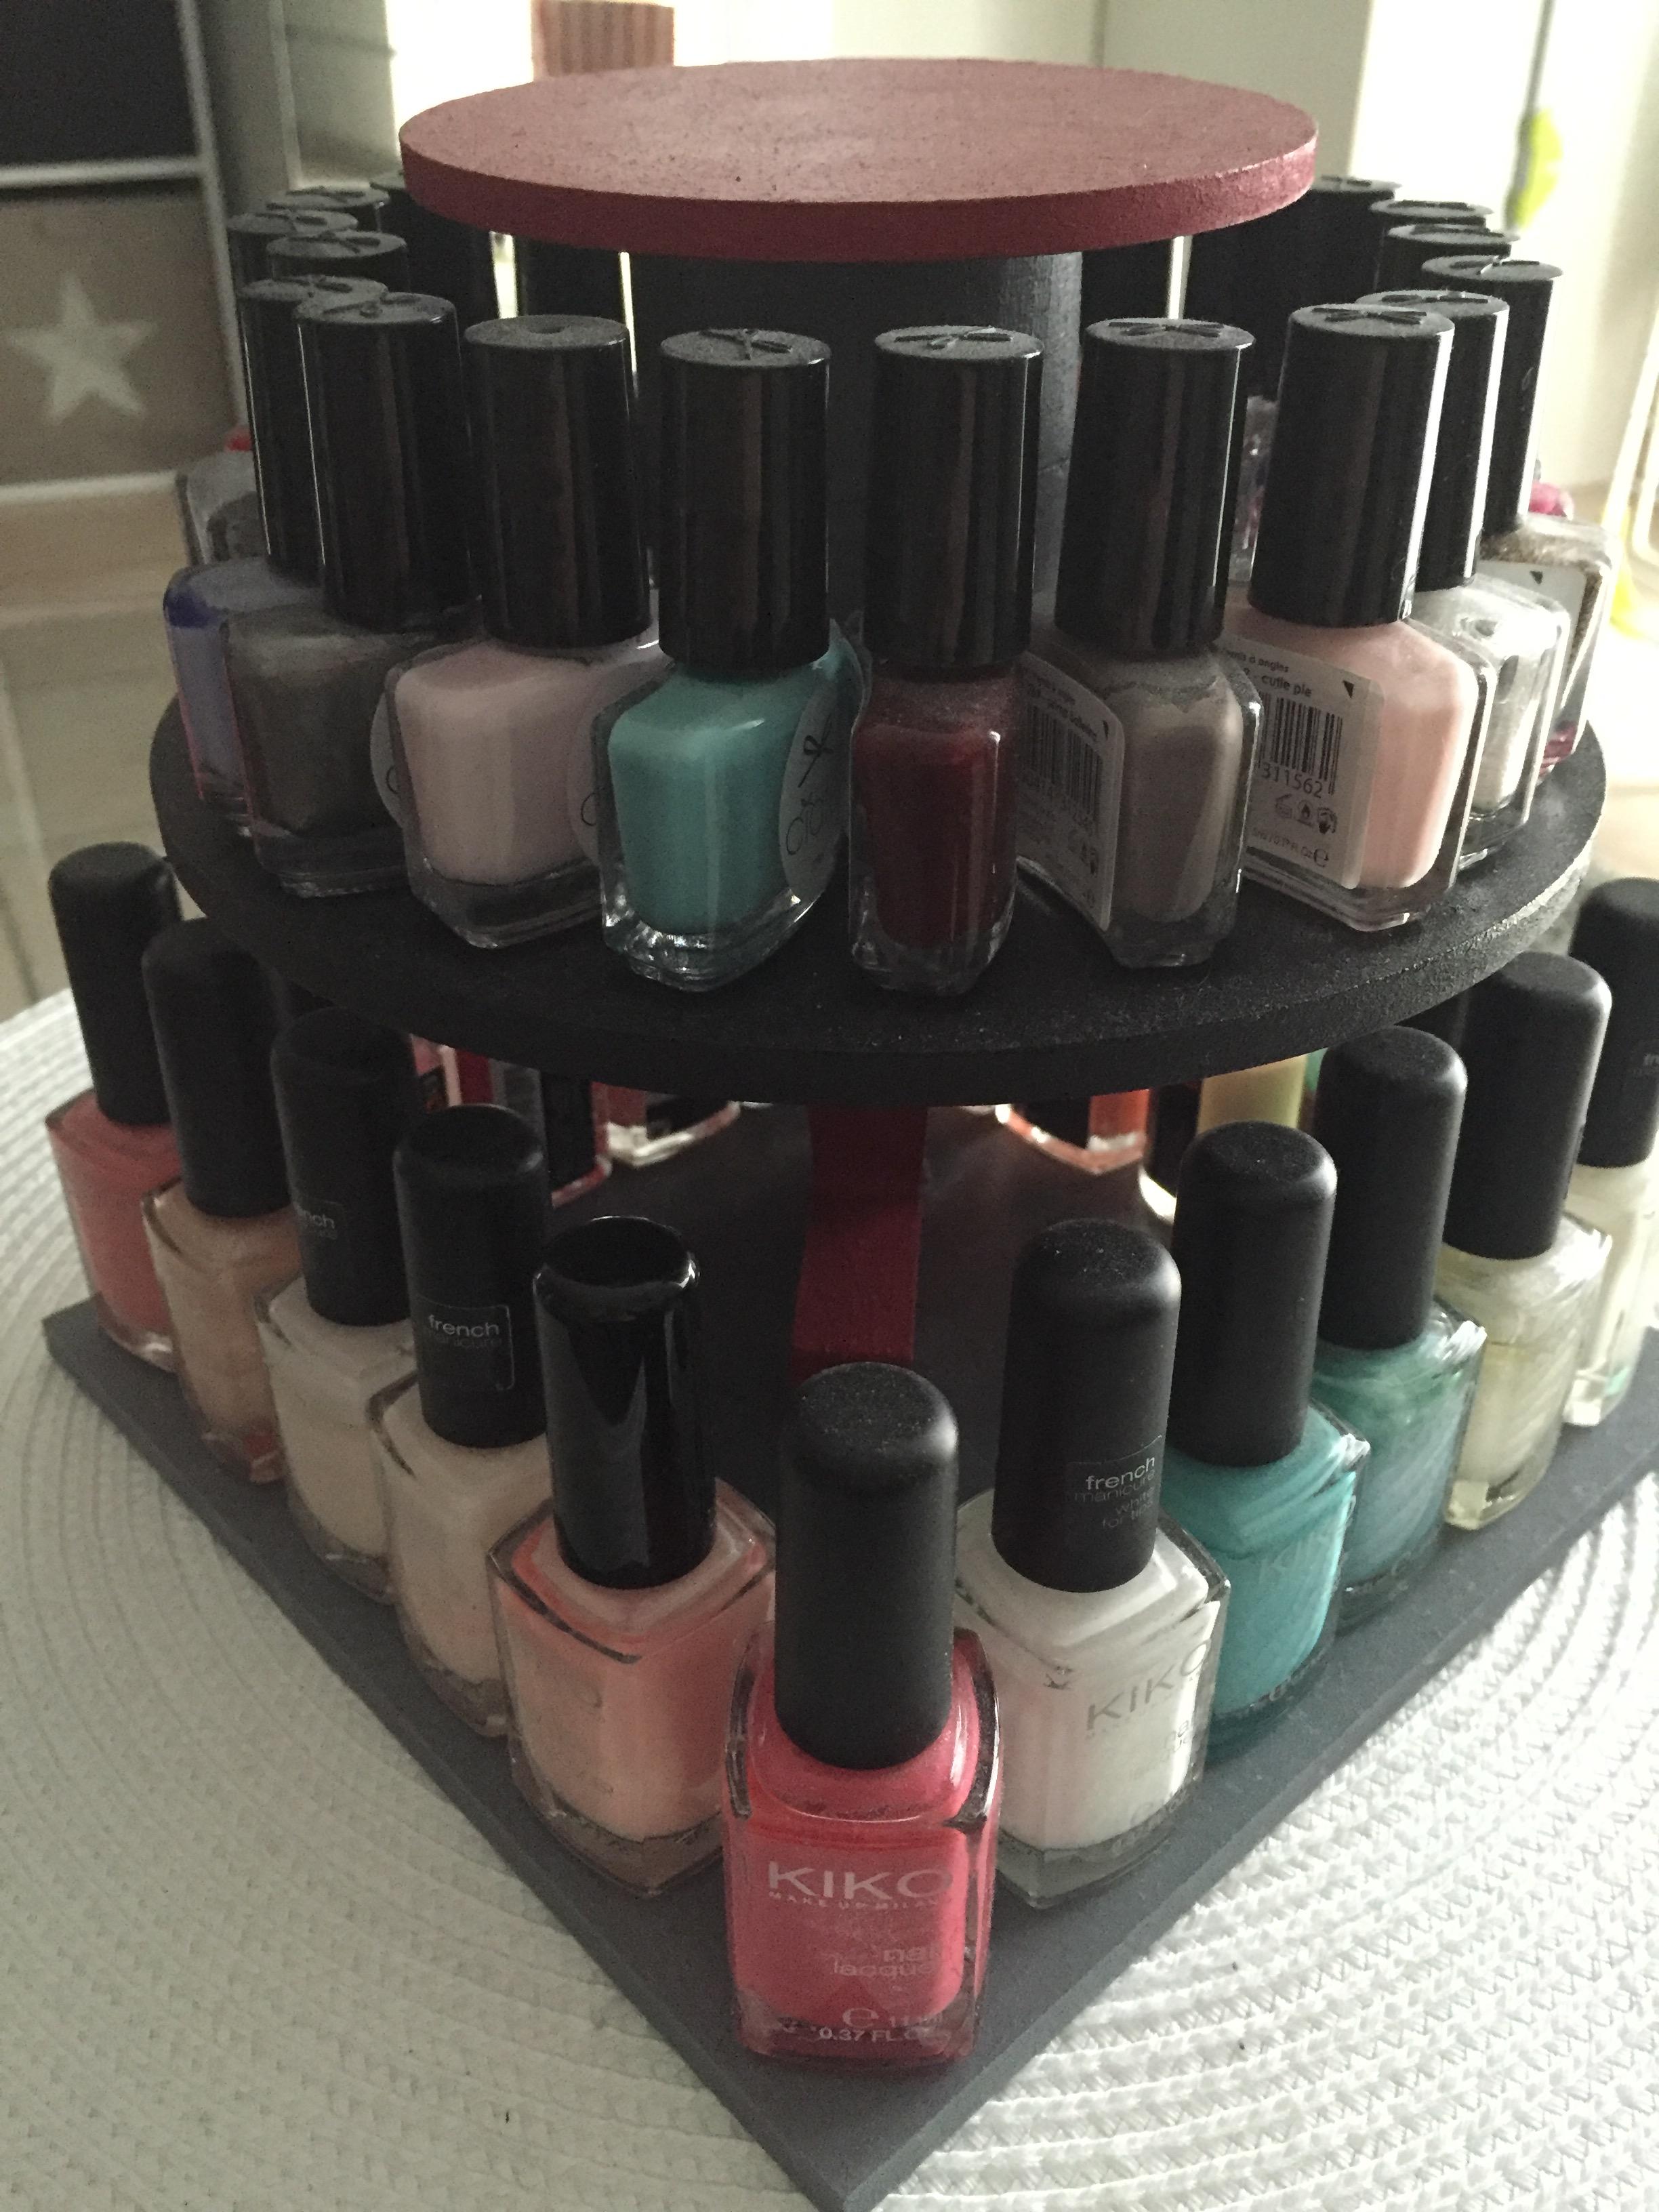 diy 1 rangement pour vernis ongles so 39 makeup. Black Bedroom Furniture Sets. Home Design Ideas